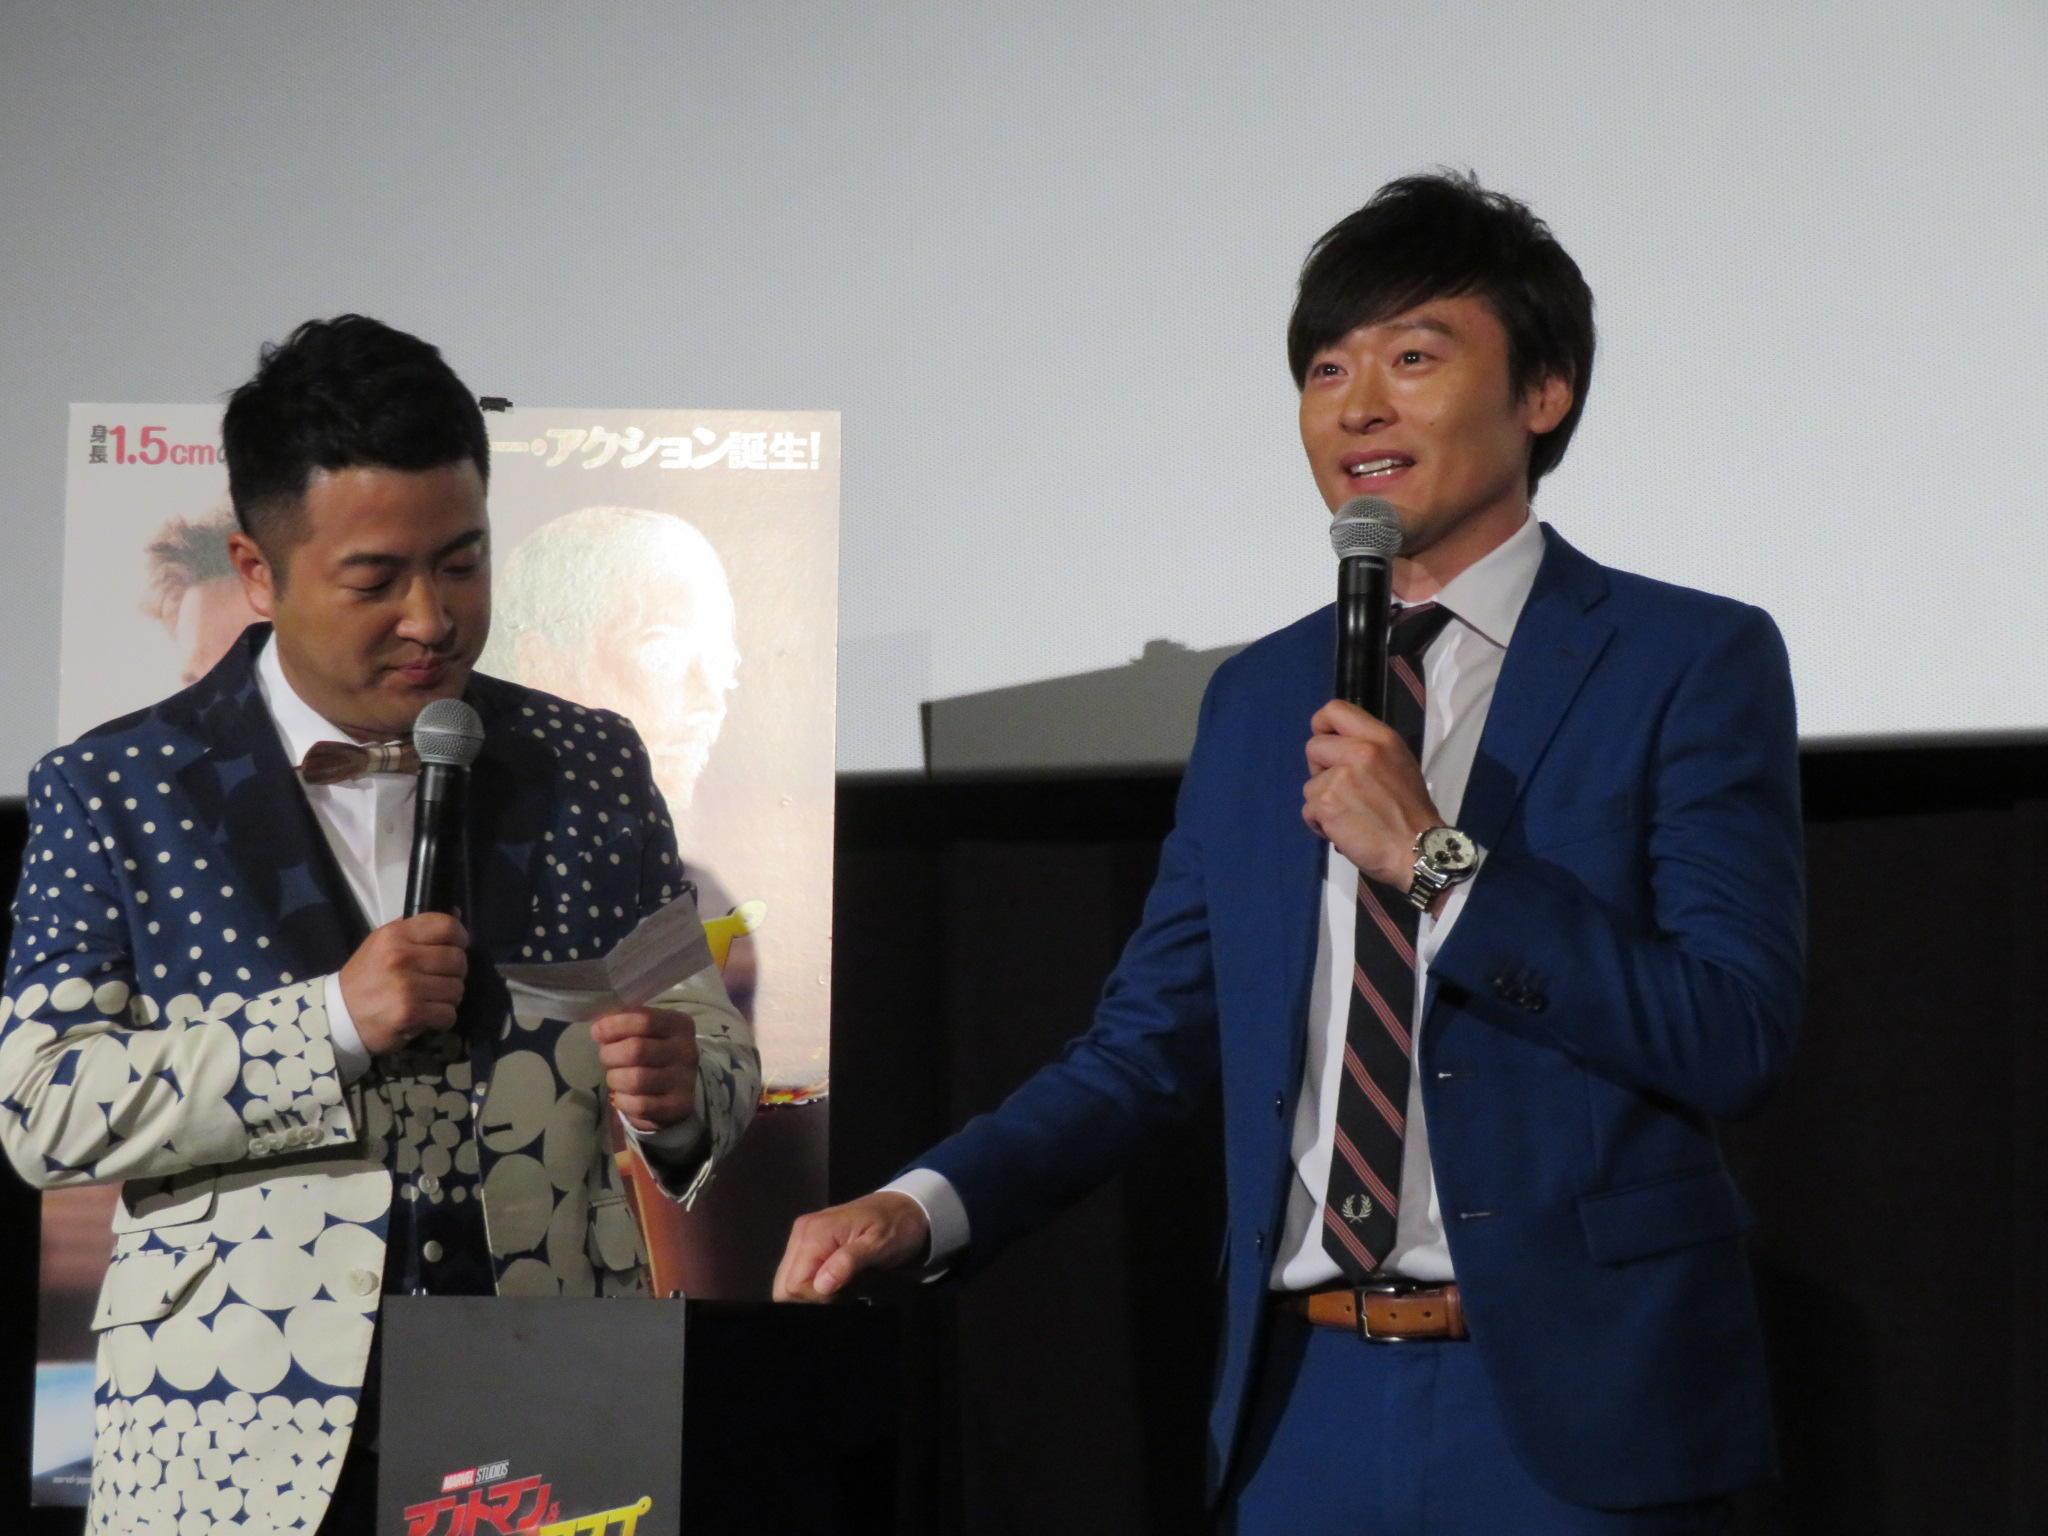 http://news.yoshimoto.co.jp/20180810020707-63a9e0369d25f4ed4b9c704e175e1e1c9299f069.jpg